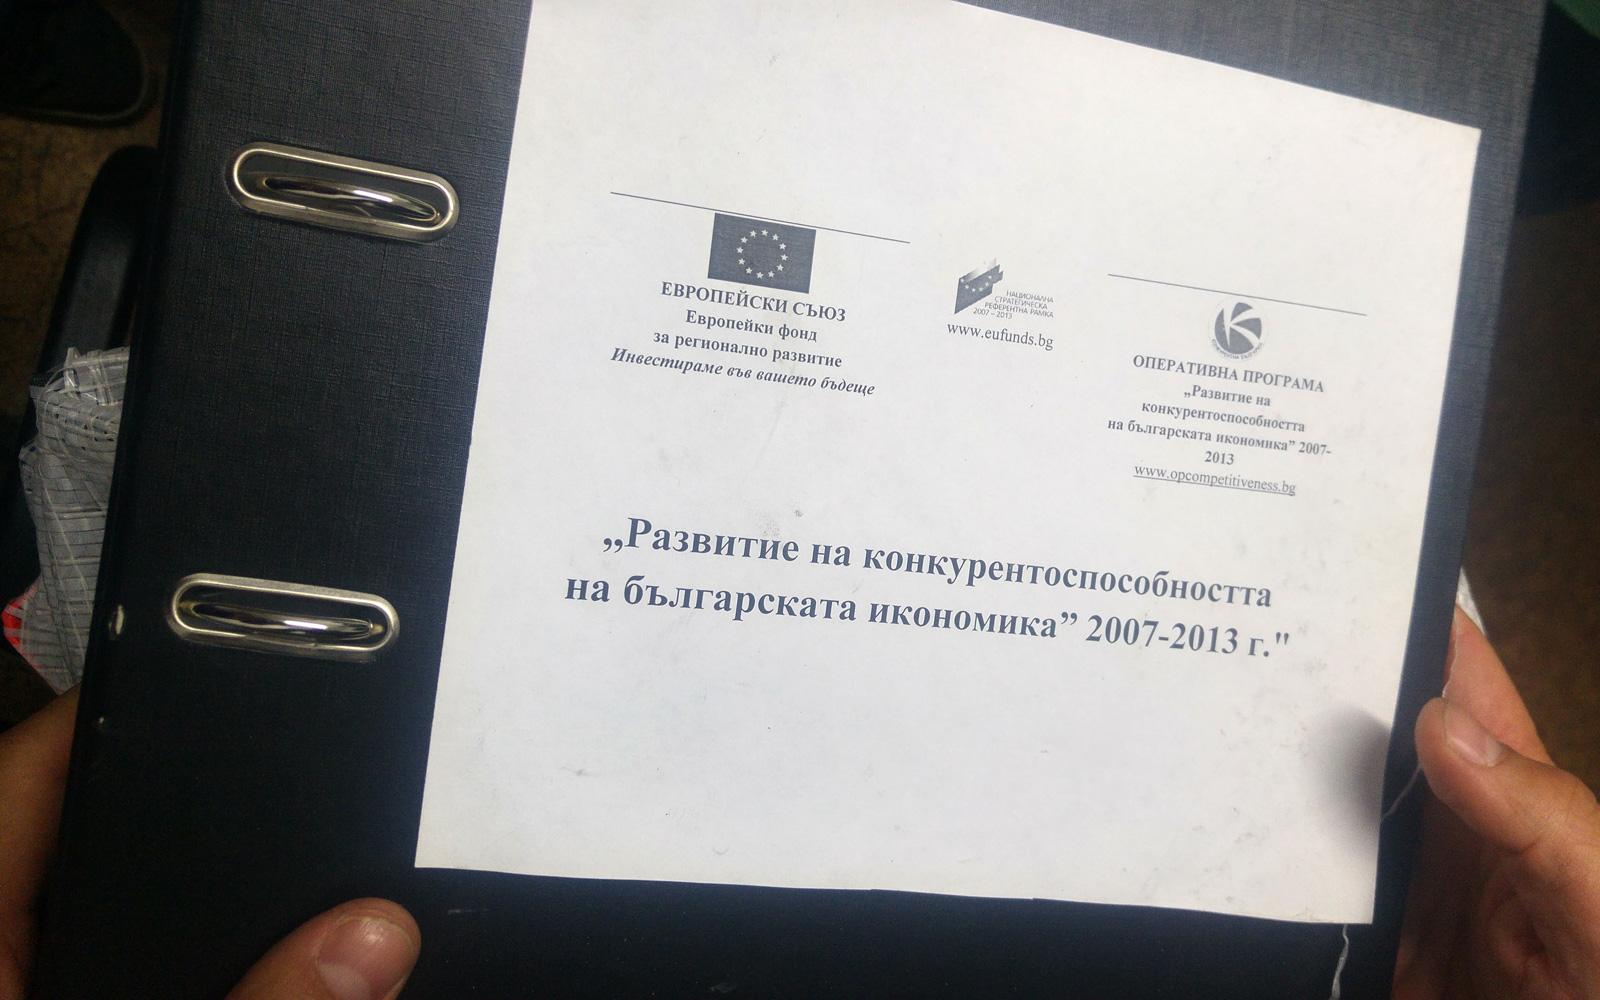 Bibliorafturile goale găsite la fața locului erau inscripționate cu datele unui proiect finanțat din fonduri europene.